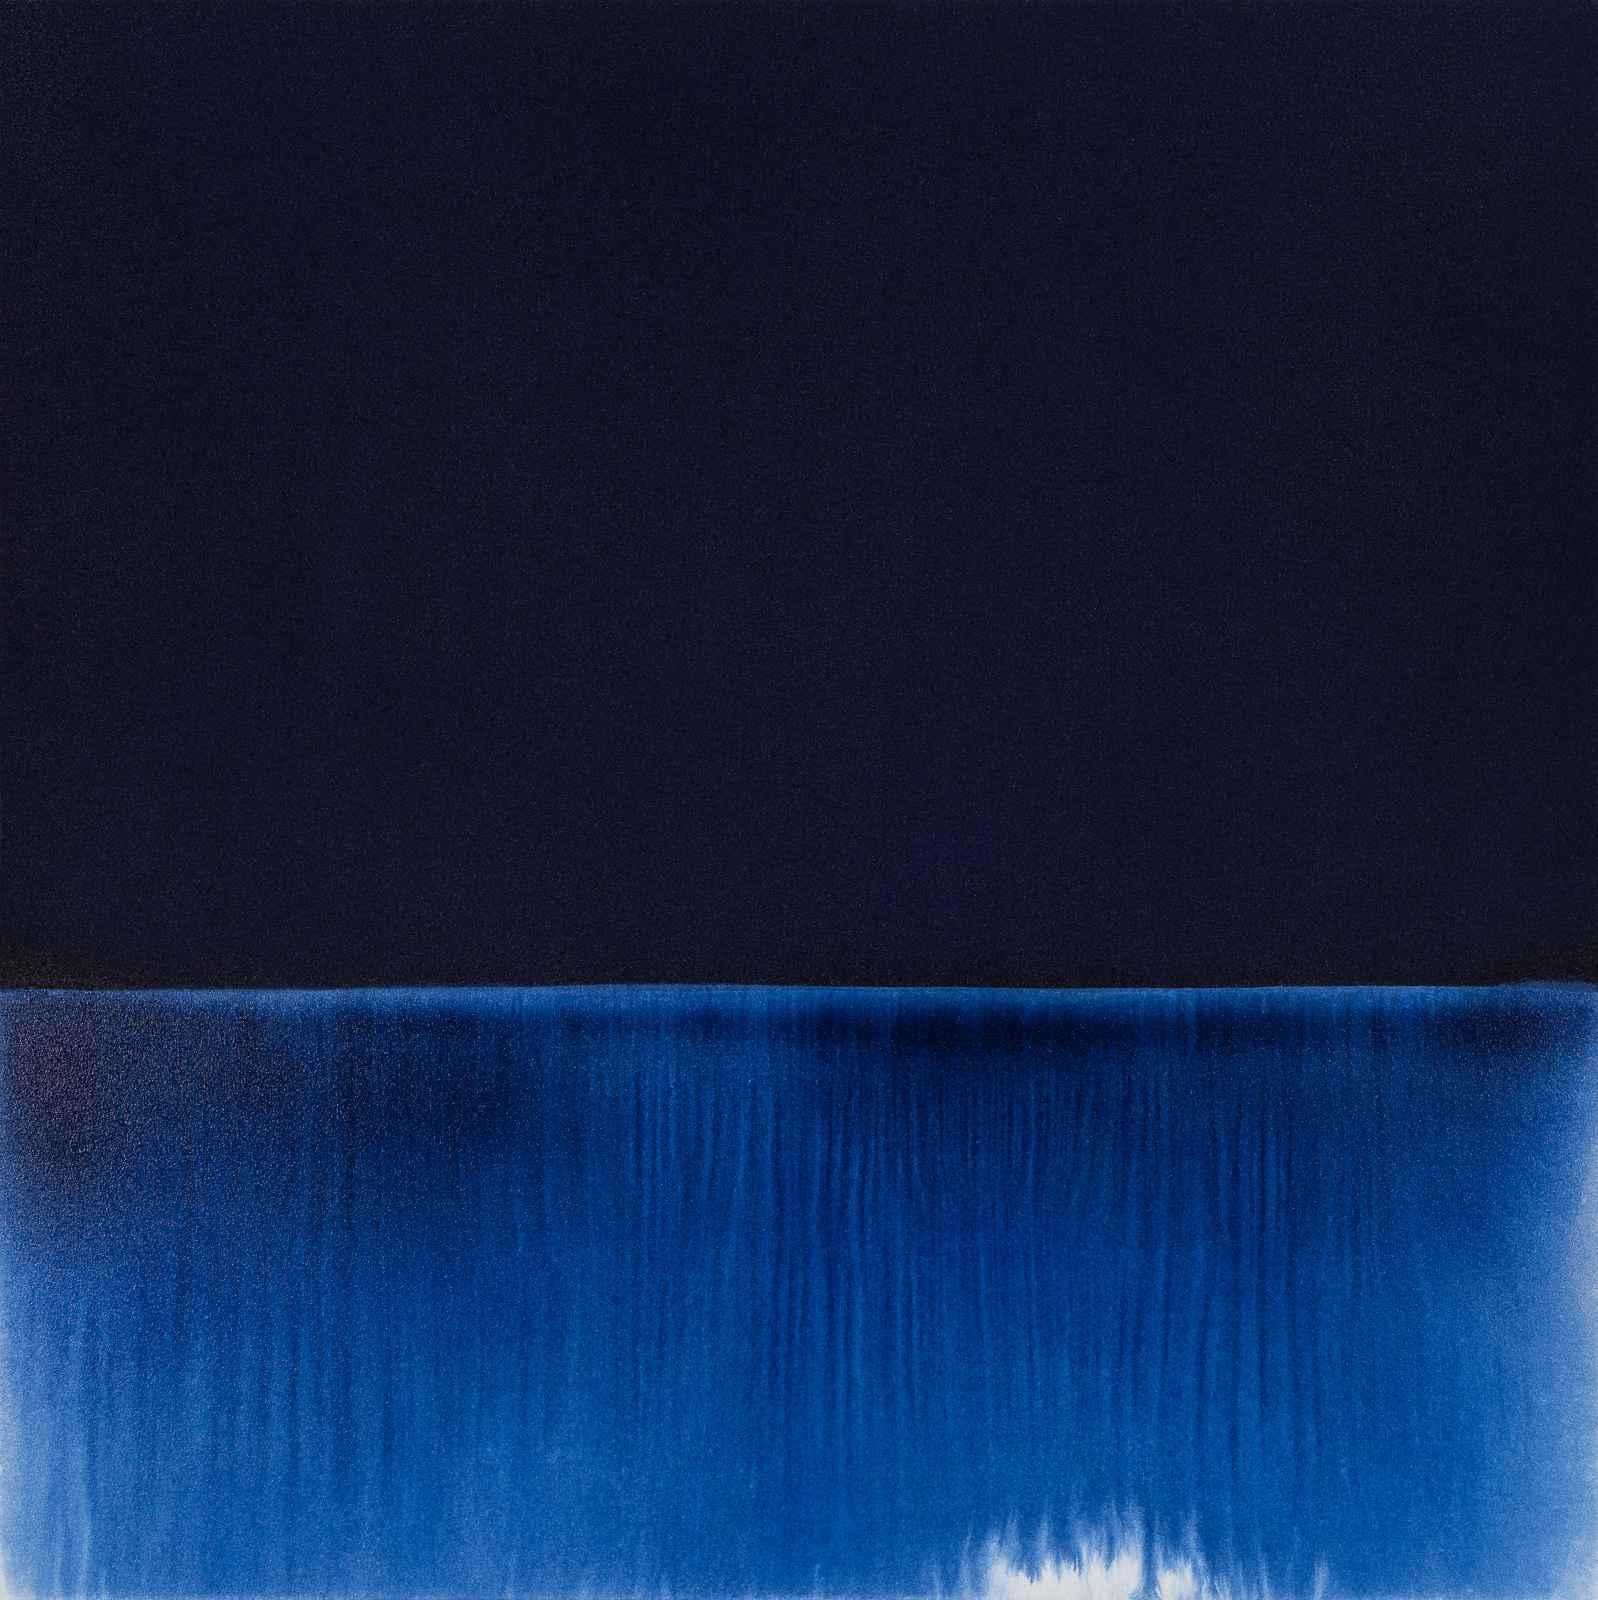 INDIGO FLOW #14 by Mr. JUAN ALONSO-RODRIGUEZ - Masterpiece Online